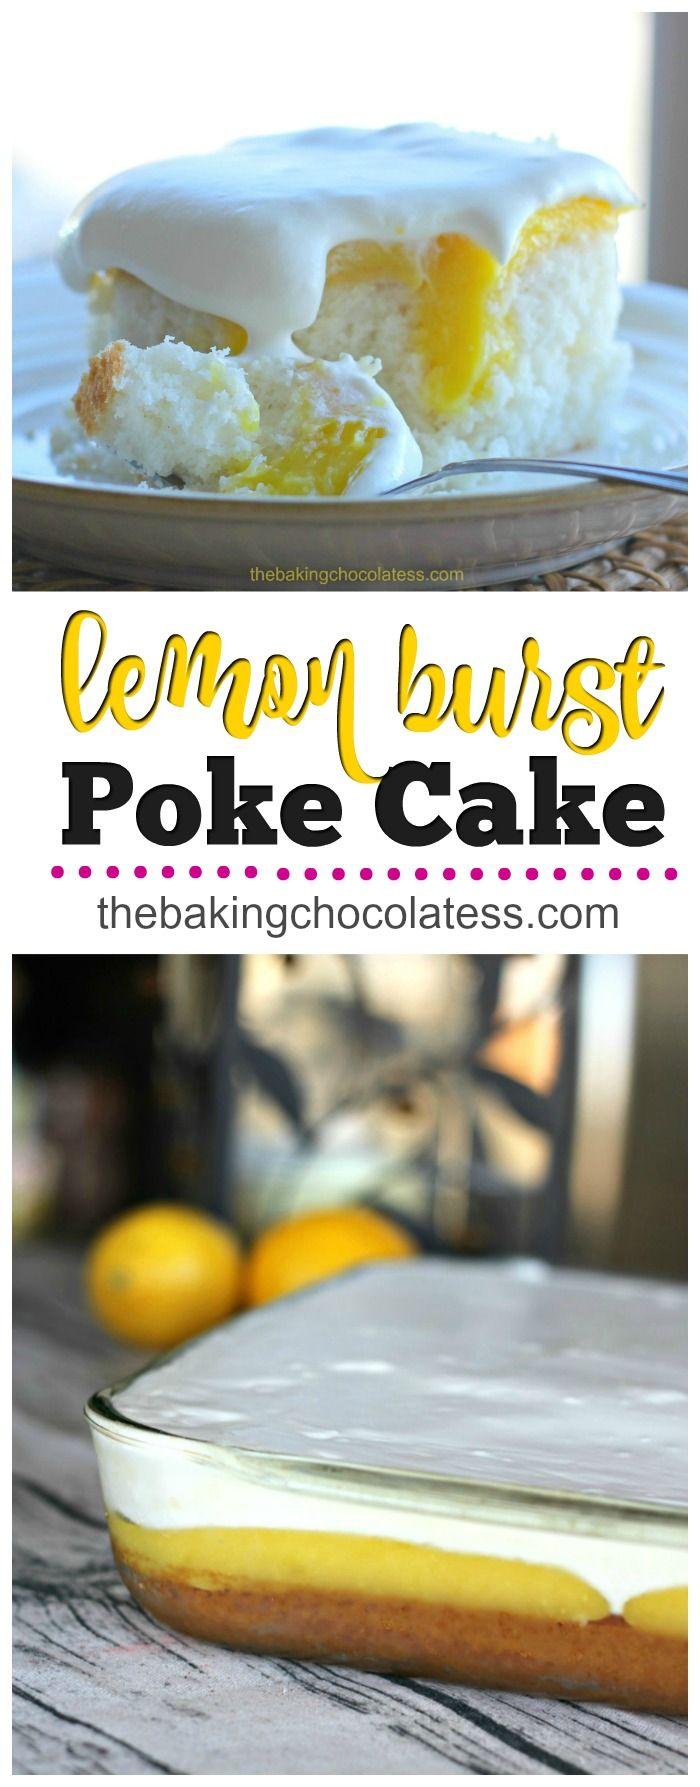 Lemon Burst Poke Cake via @https://www.pinterest.com/BaknChocolaTess/